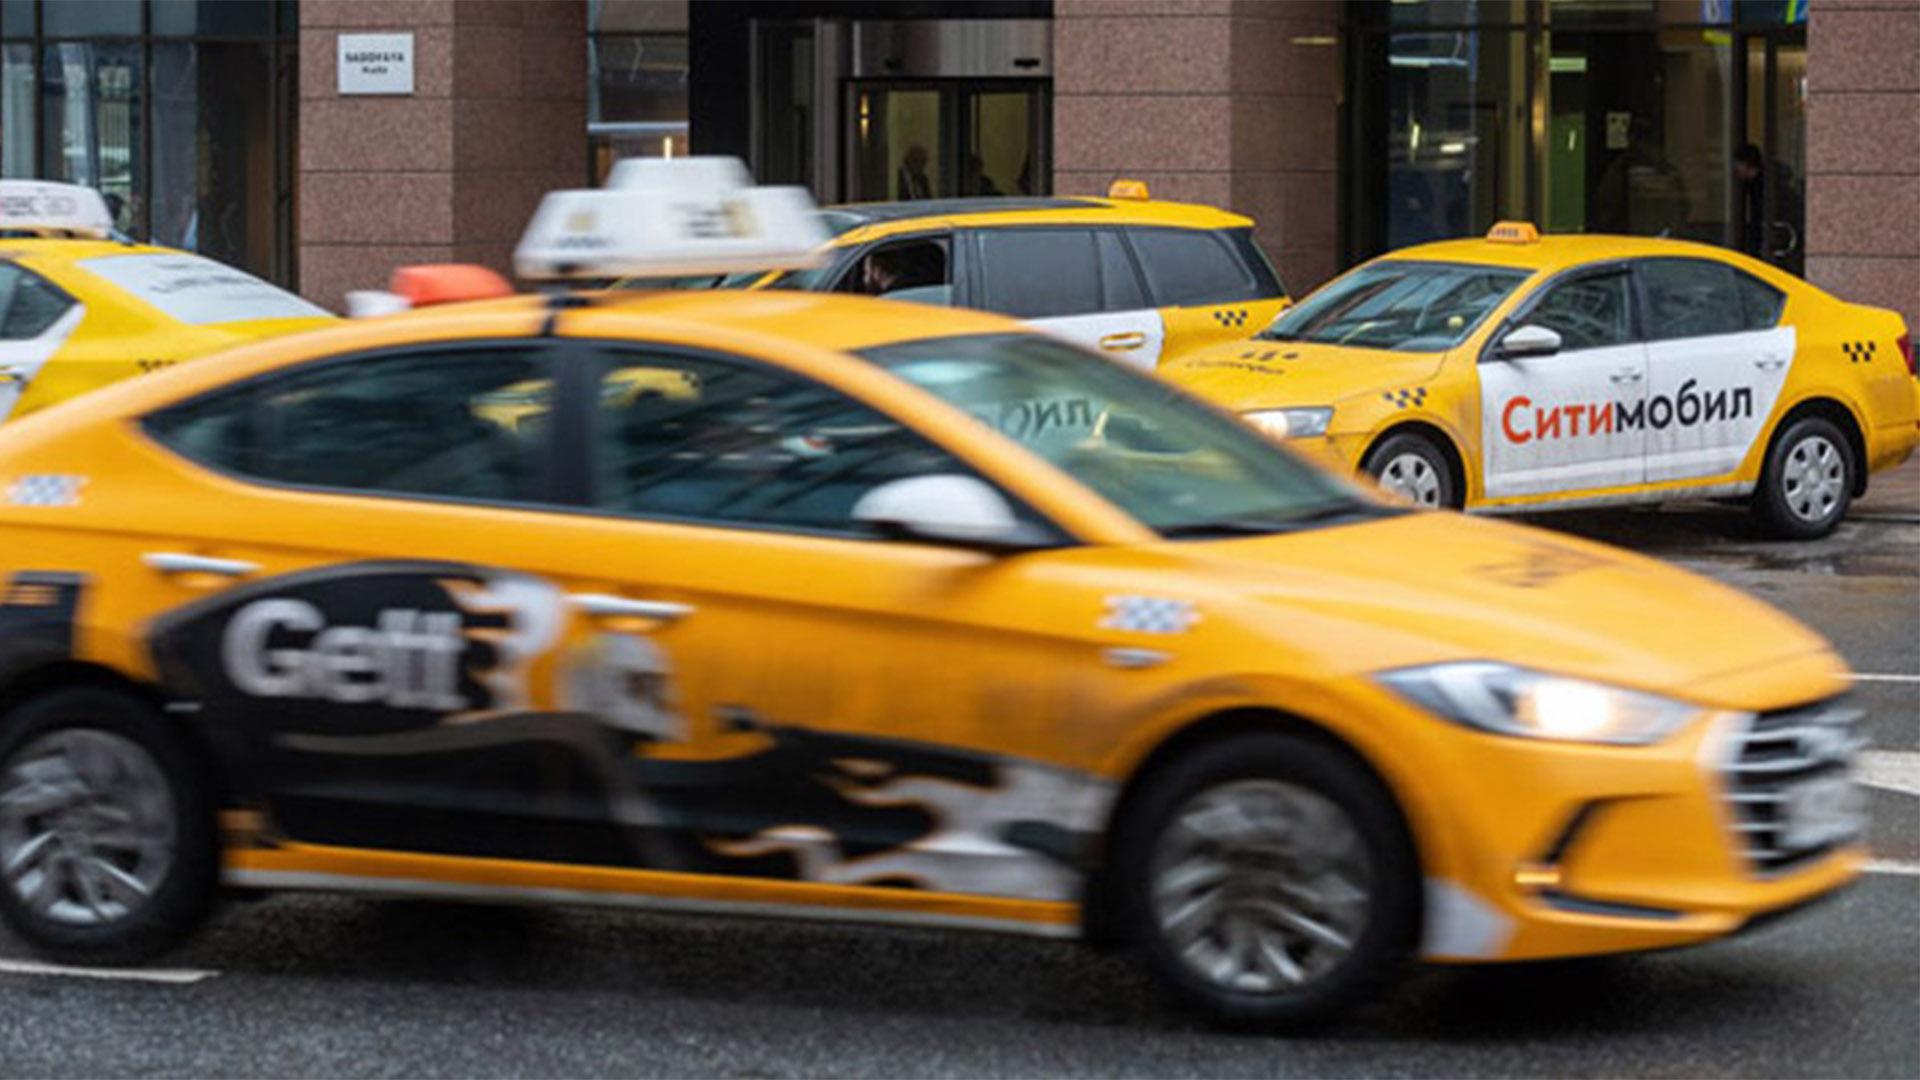 Грядет очередное слияние? Ситимобил и Gett заключили соглашение о сотрудничестве